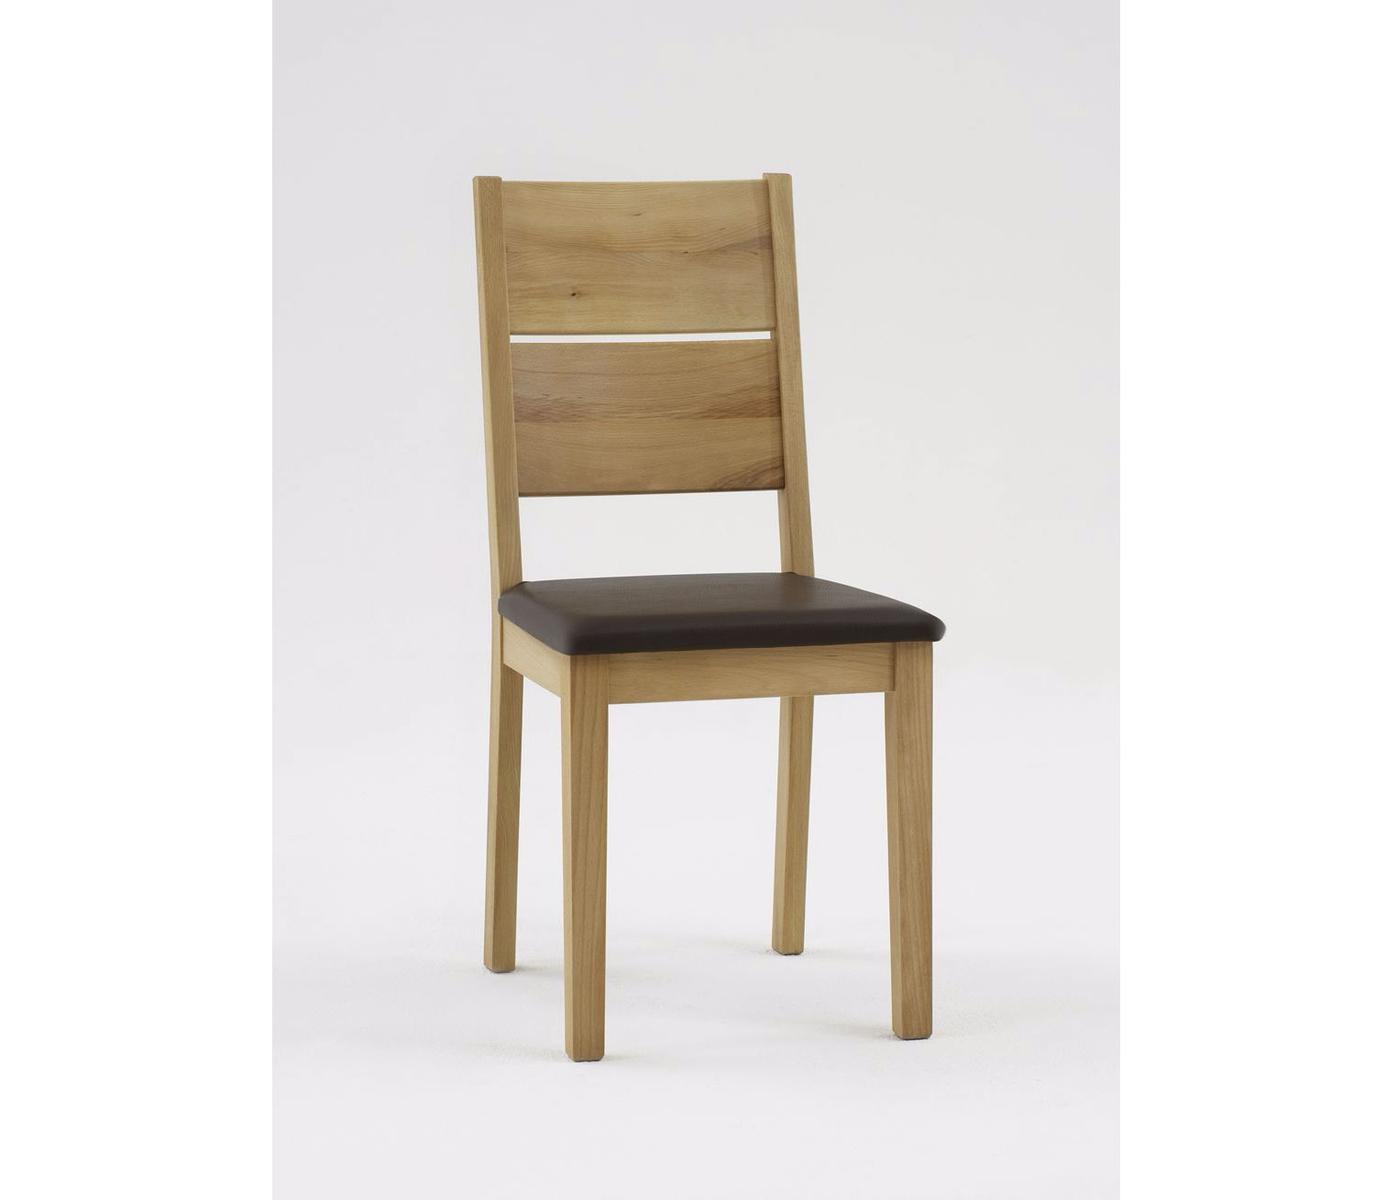 Esszimmer Stuhl Rom aus Massivholz, Bild 2